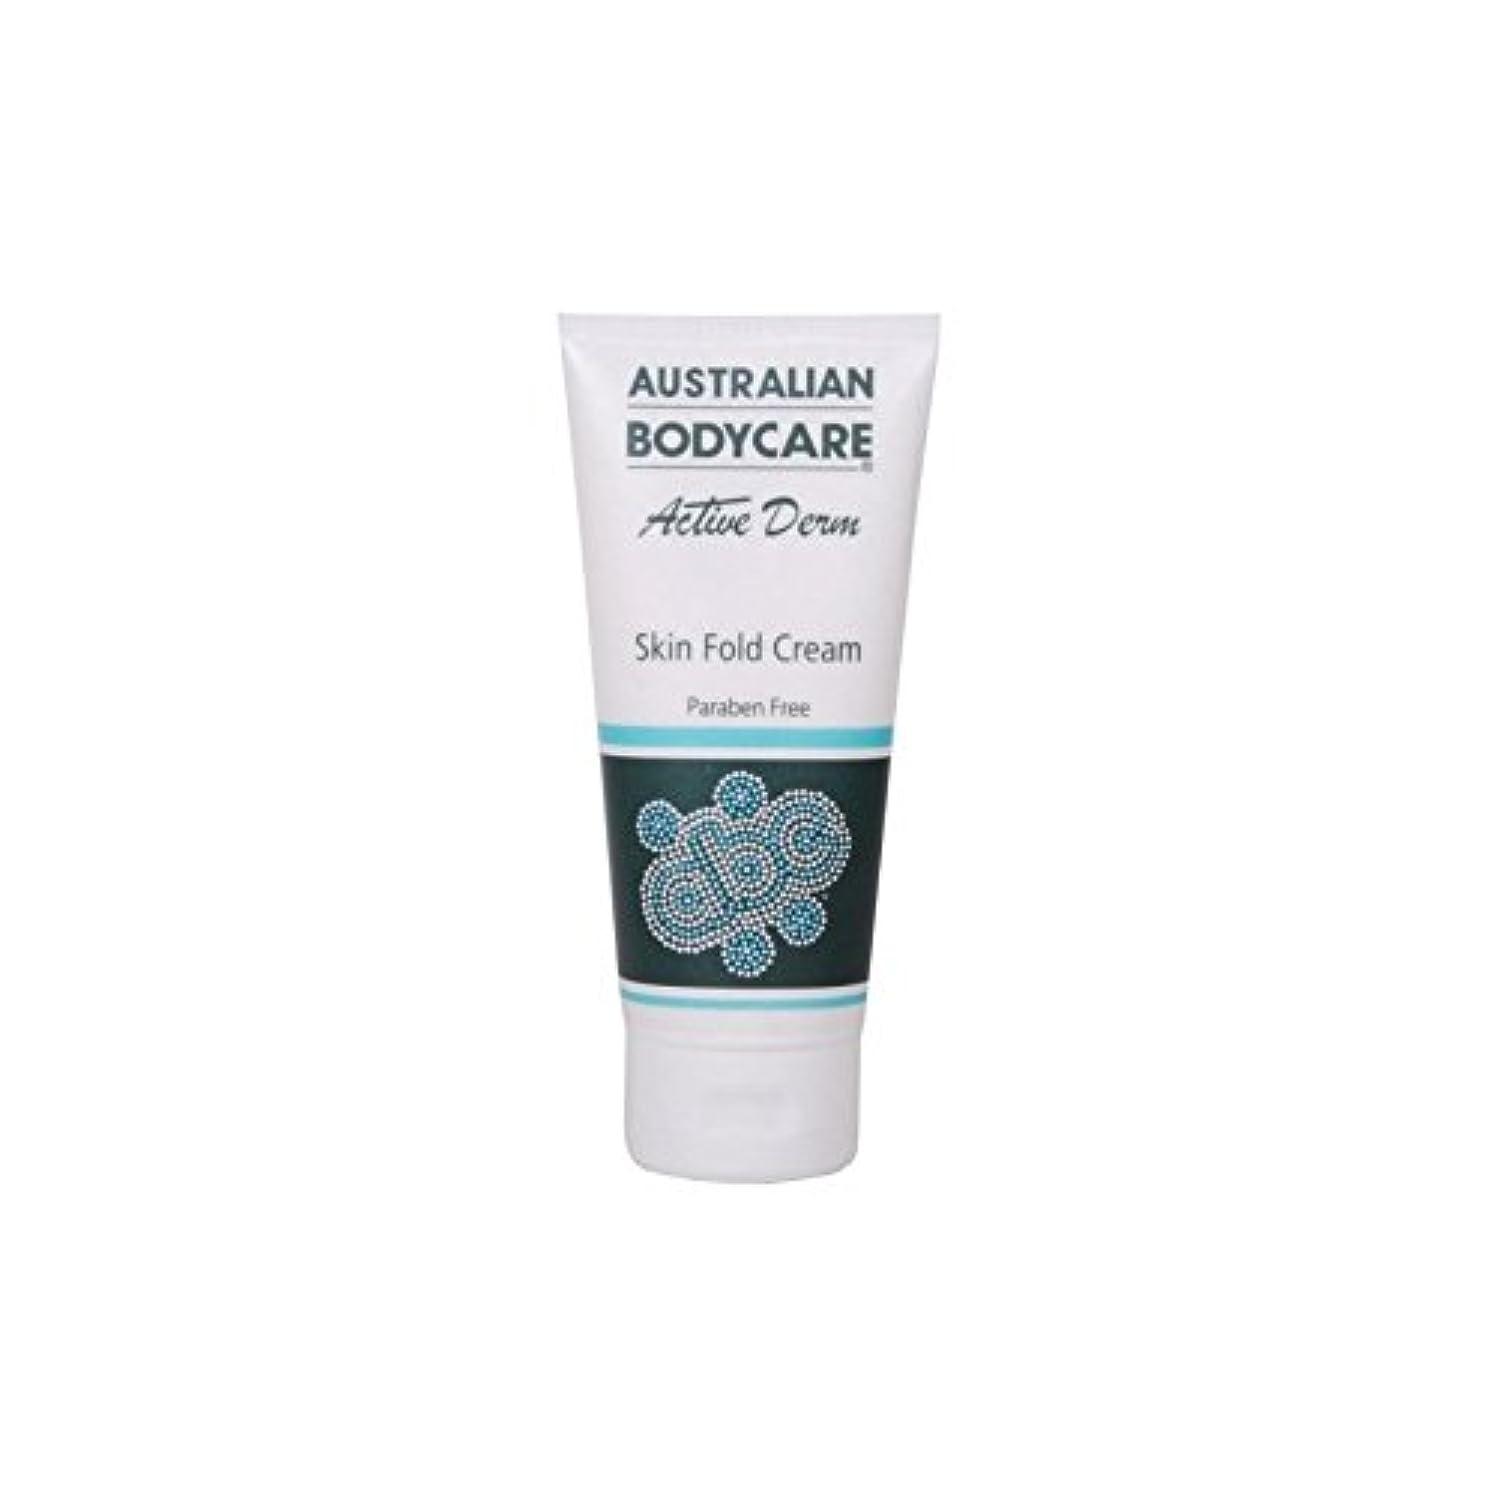 描く逃げるファンAustralian Bodycare Active Derm Skin Fold Cream (100ml) (Pack of 6) - オーストラリアのボディケアアクティブダーム皮膚のひだクリーム(100ミリリットル...